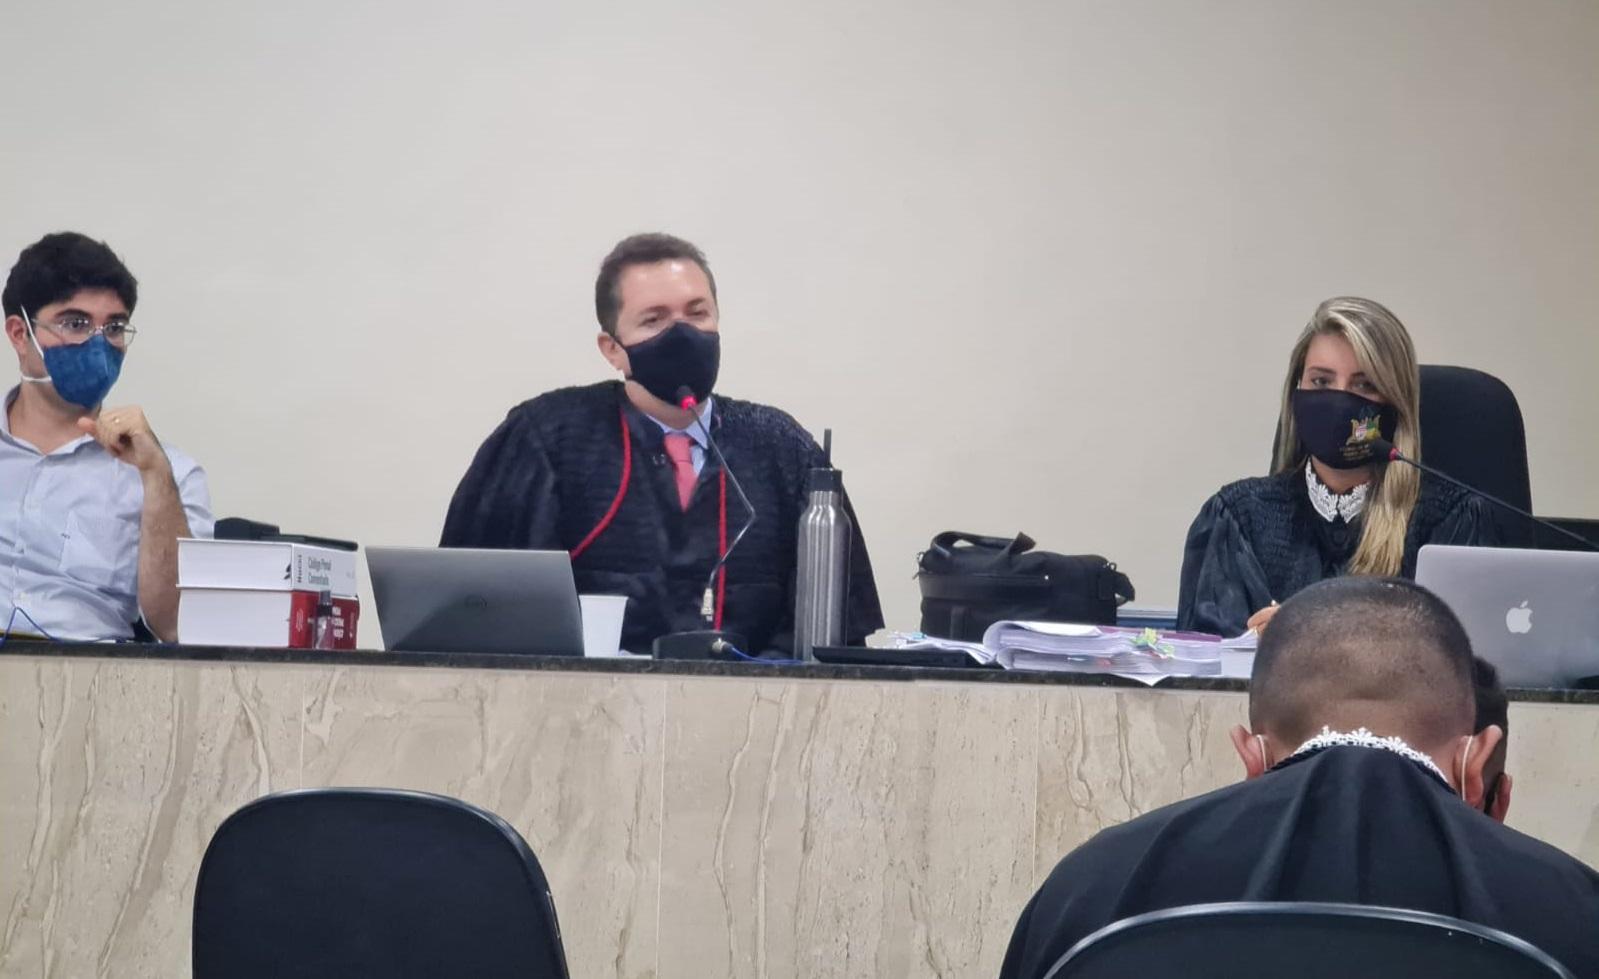 Dois homens brancos, um de roupa branca e outro de toga preta, e mulher loura, de toga preta, sentados em mesa do Tribunal do Júri.